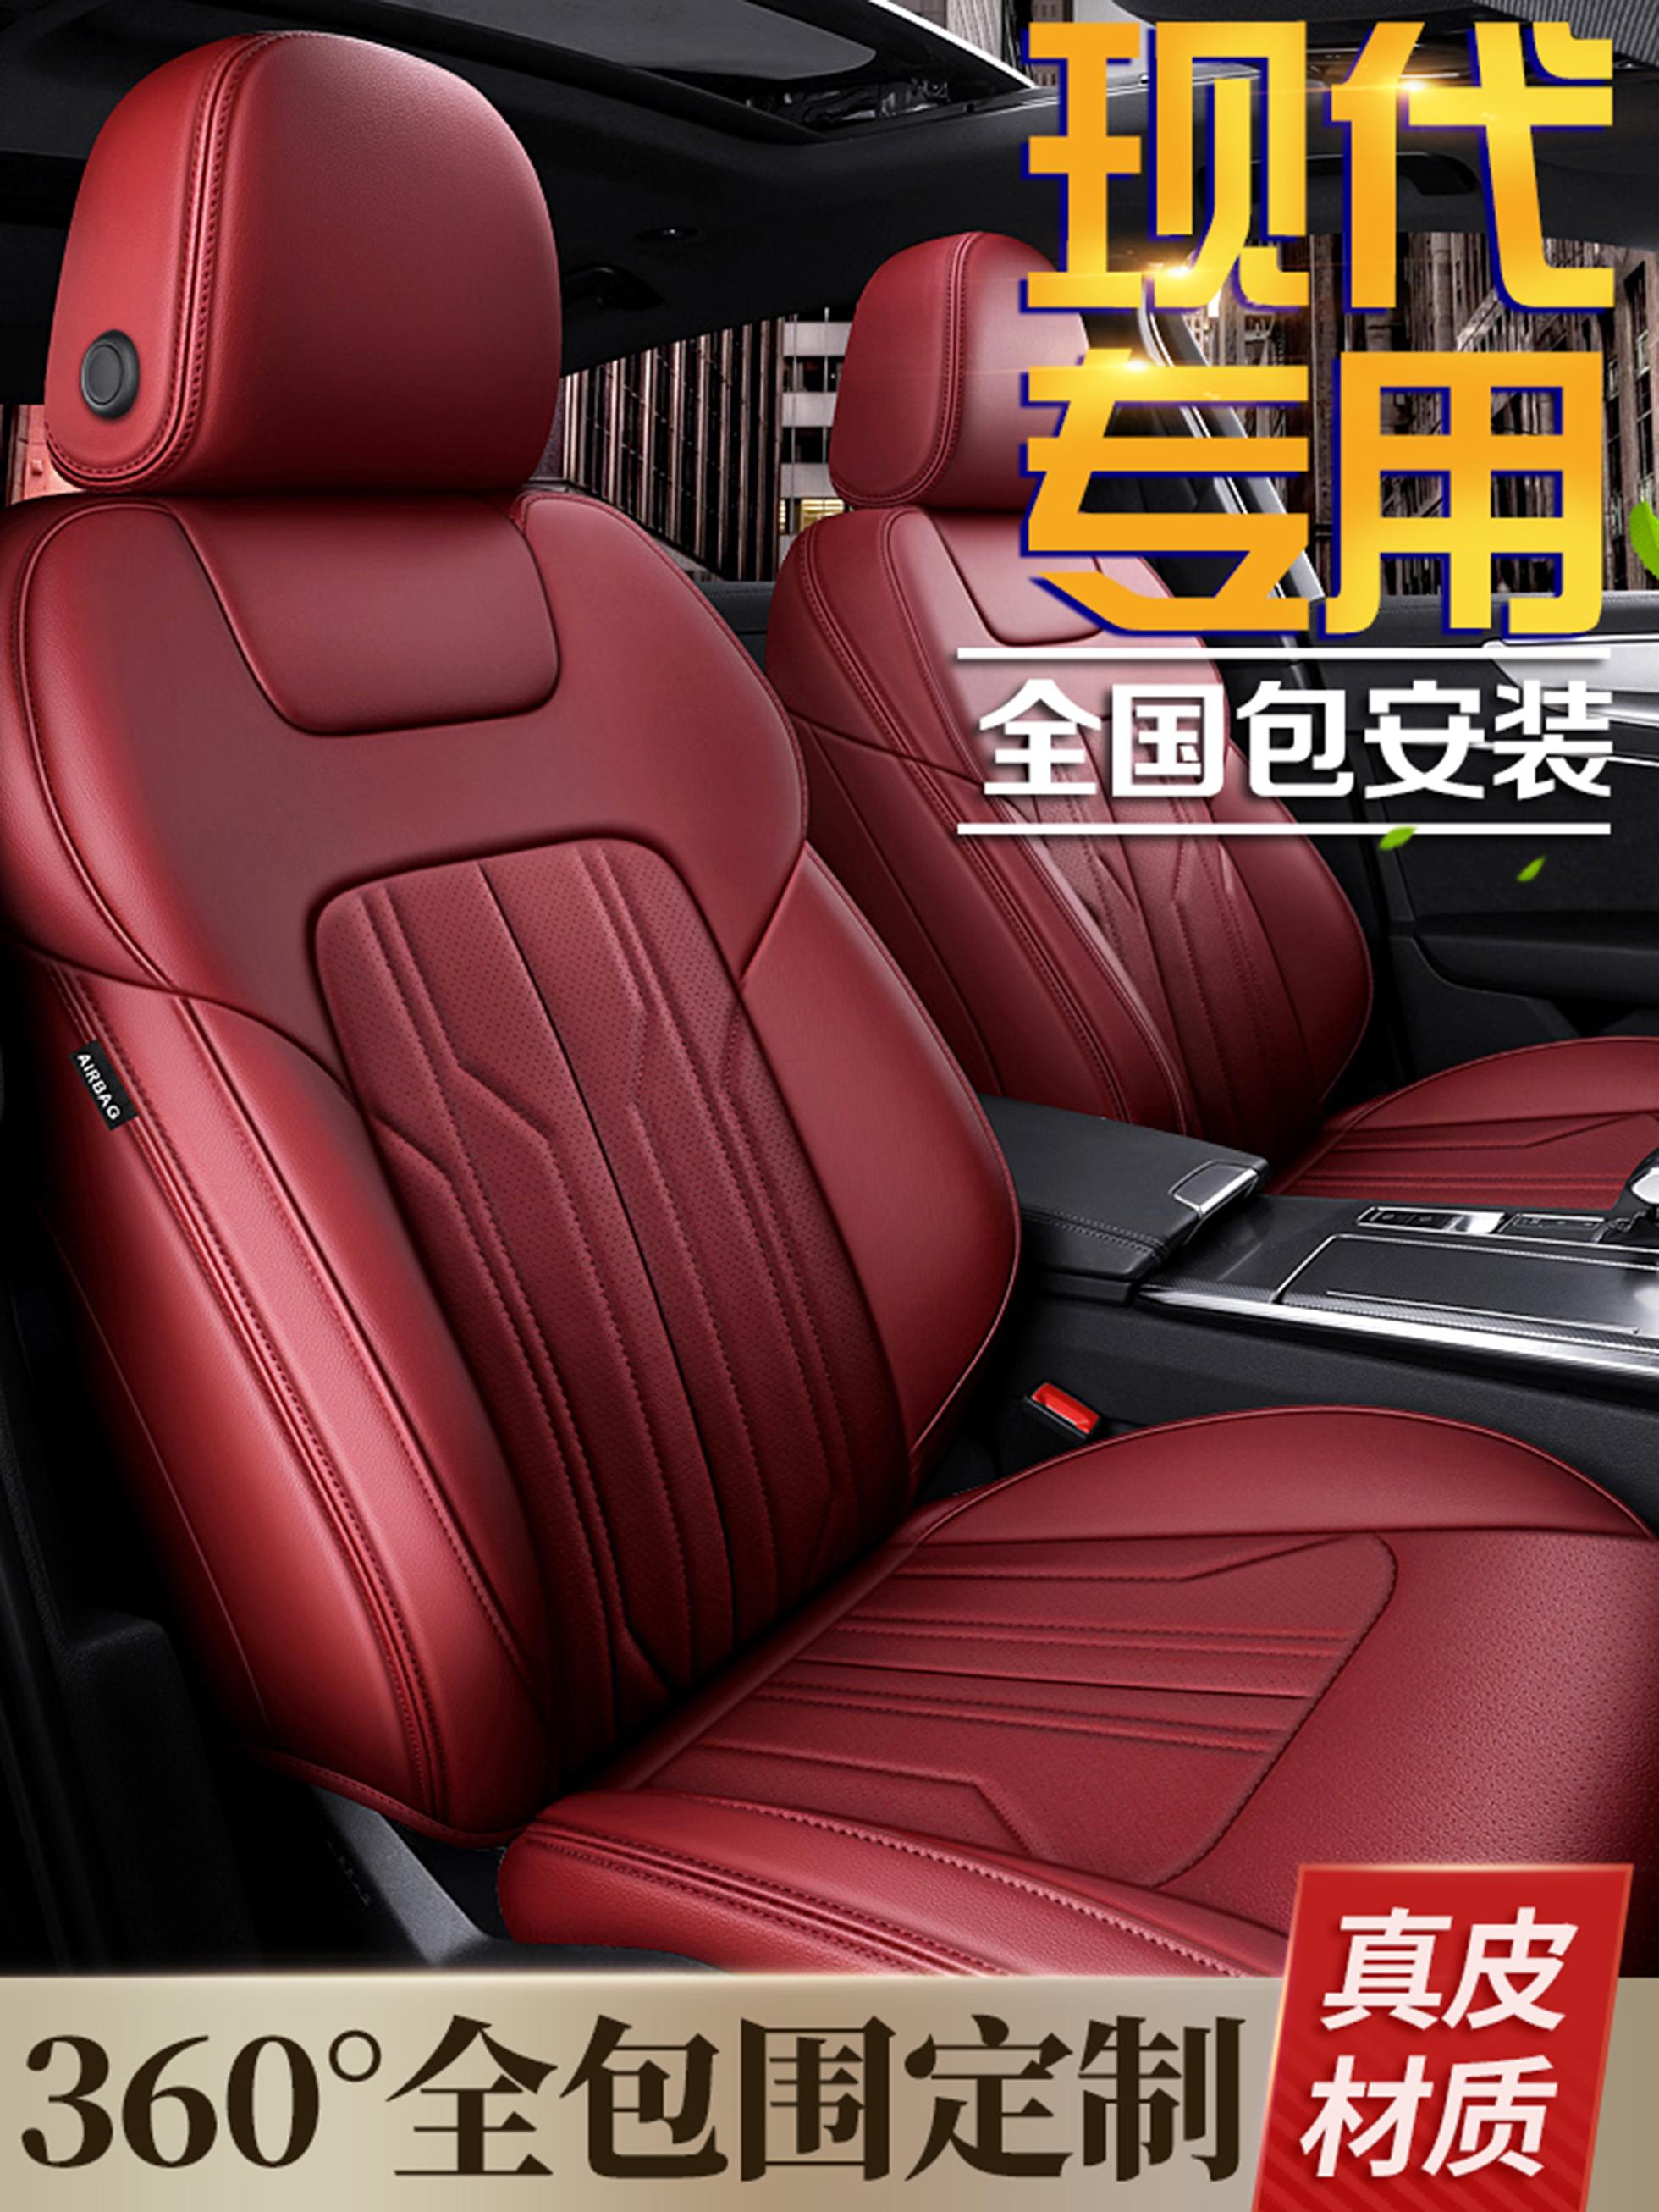 Hyundai Native 25ix35 привело 20 все включено подушки кожаные сиденья наборы сидений для автомобилей Rena TUCSON